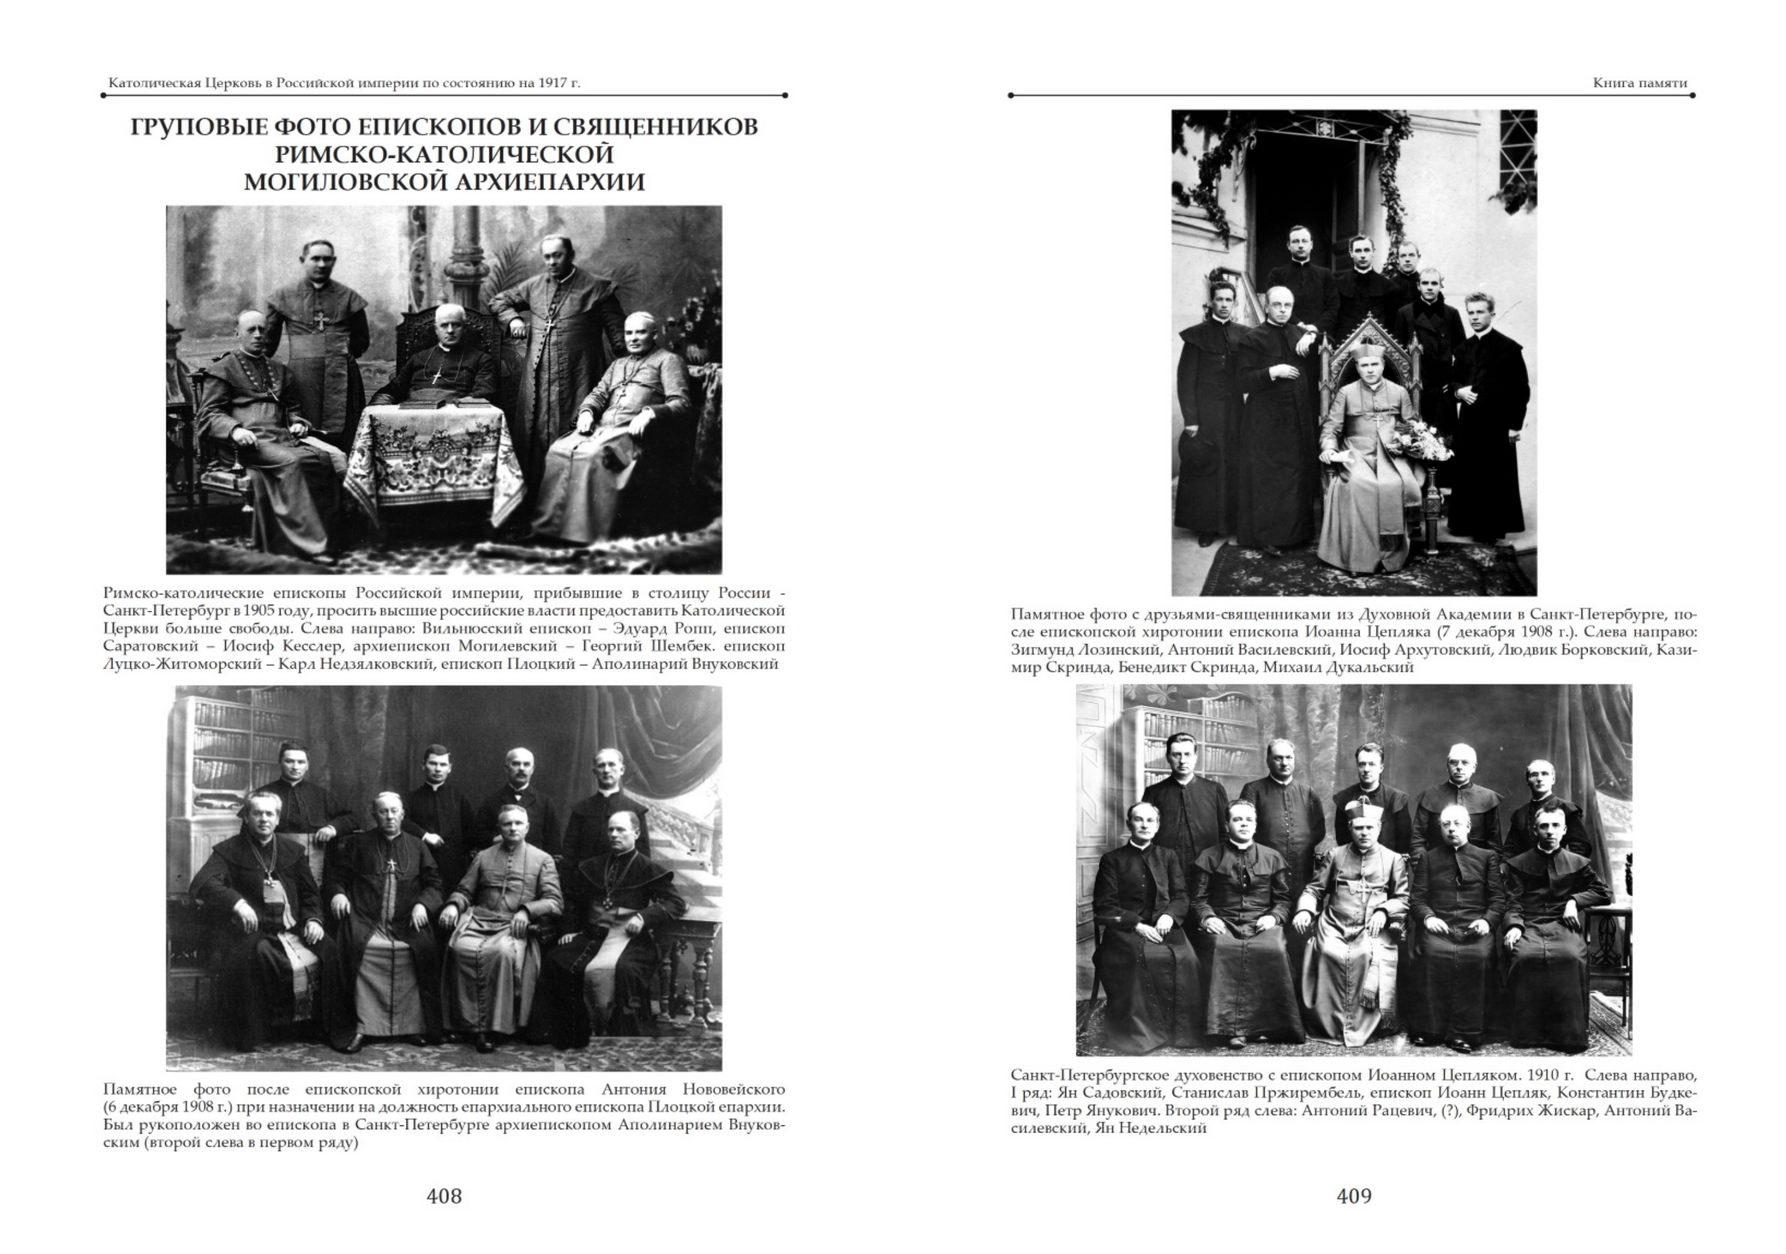 Издана книга, посвященная Католической Церкви в России накануне революции 1917 года и в Советский период 7